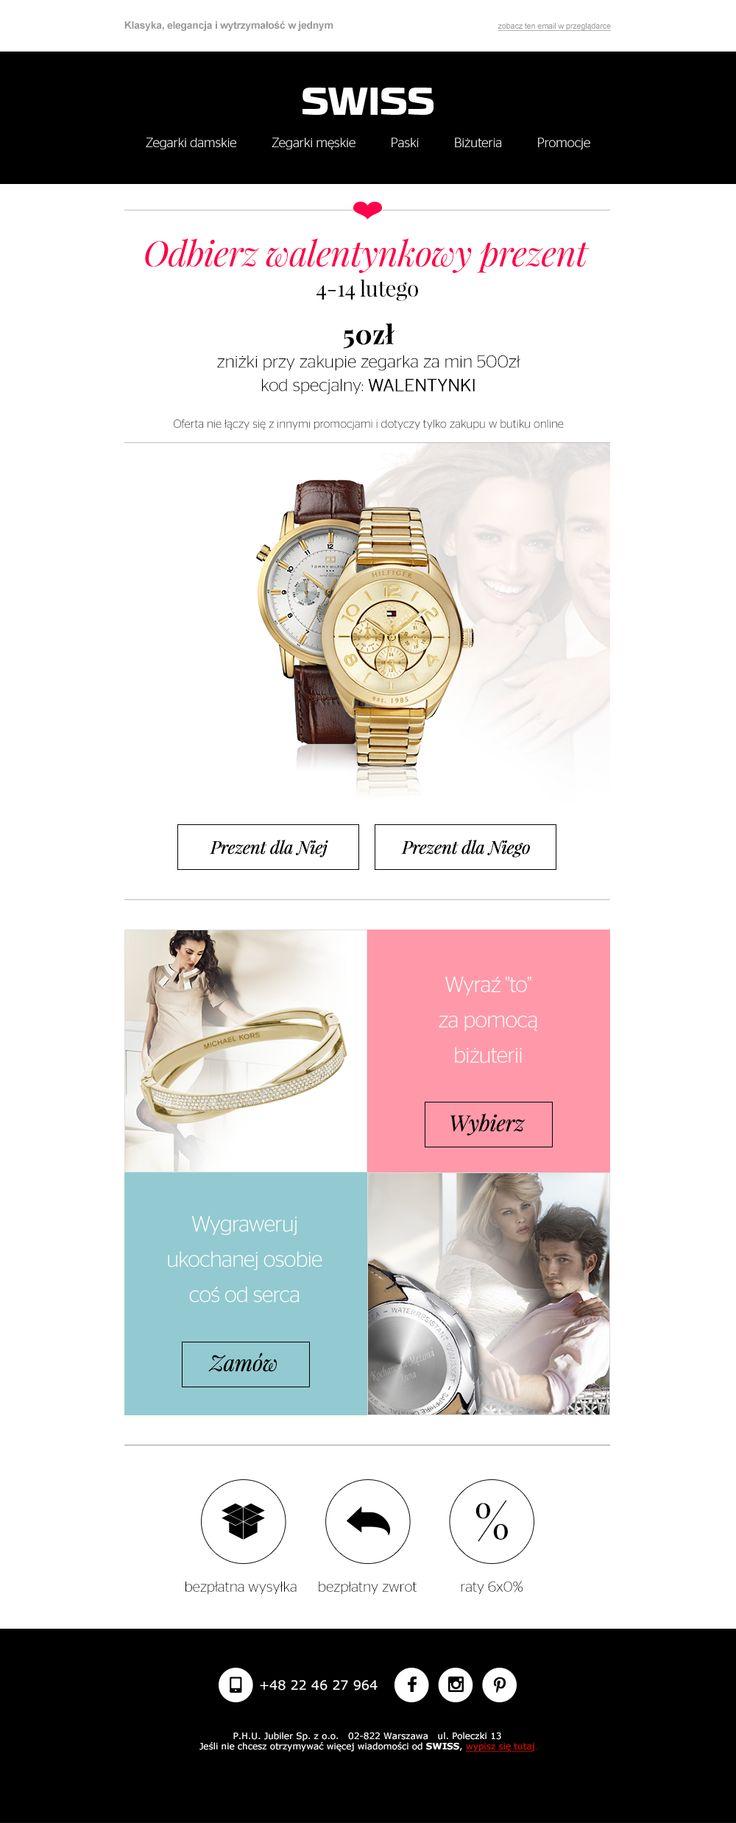 Walentynkowy newsletter z walentynkowym prezentem cenowym - przygotowany dla marki Swiss. #newsletter #email #template #design